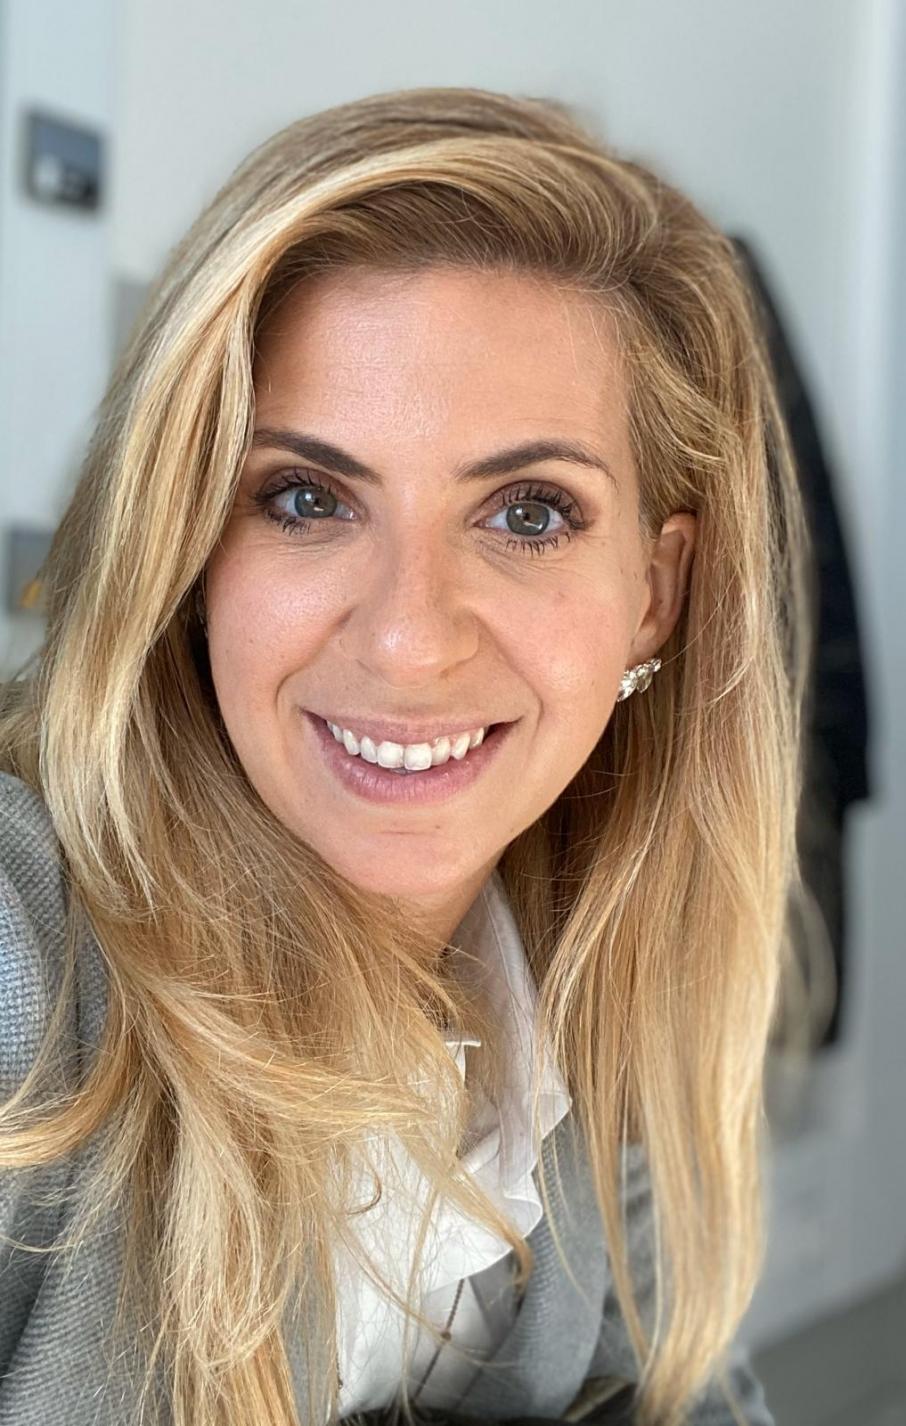 Julia Moraly